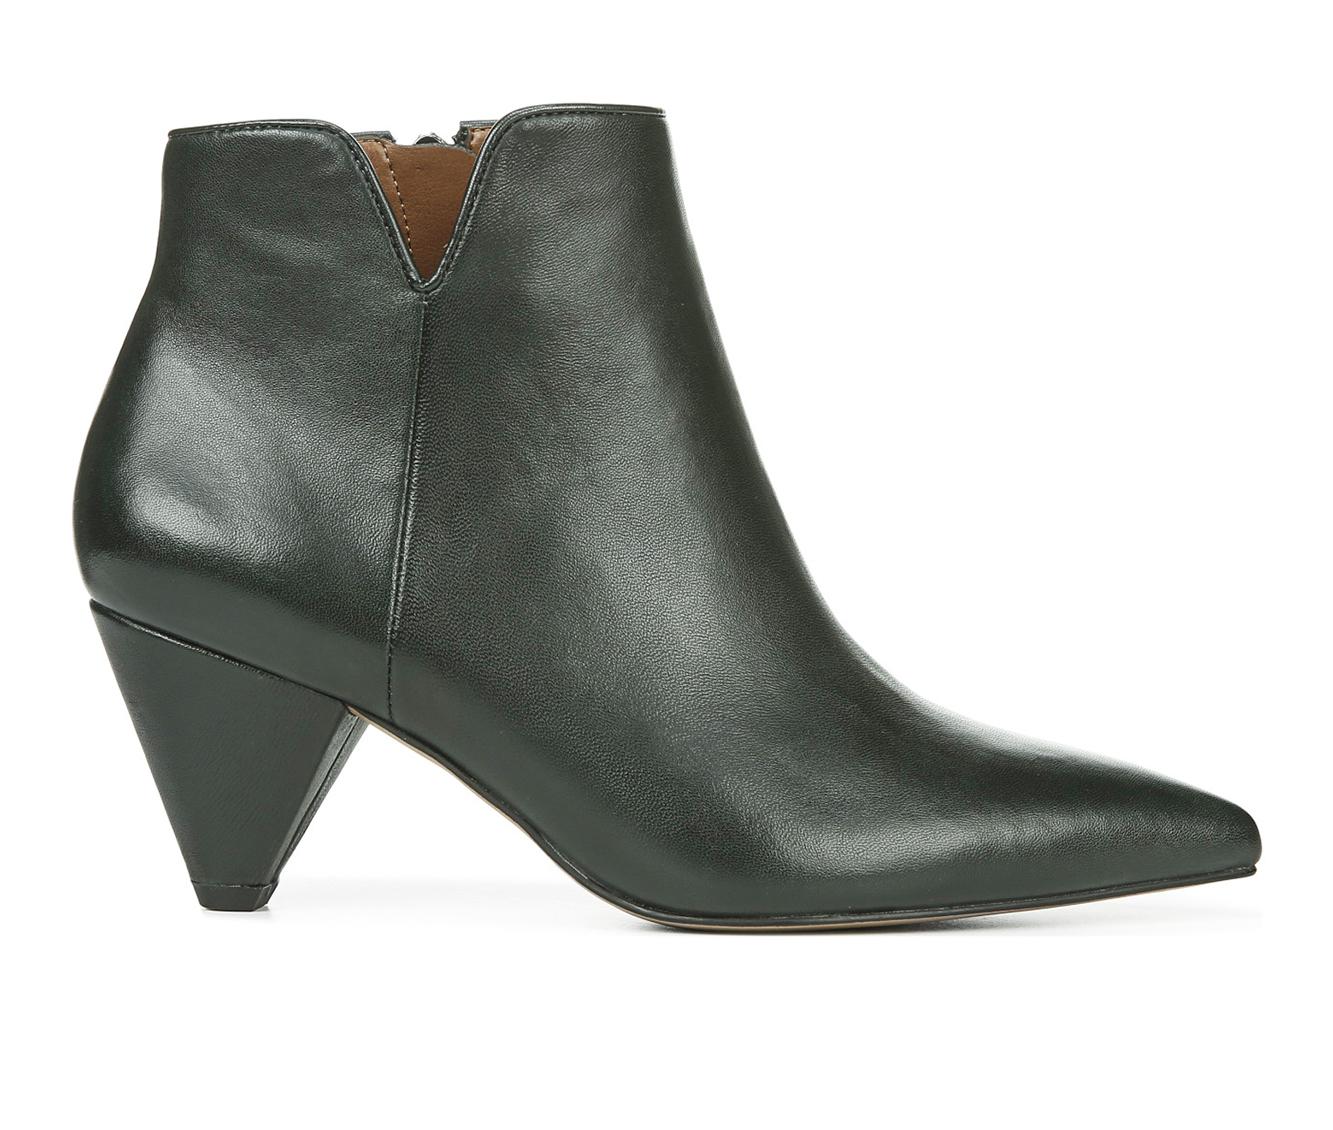 Franco Sarto Dare 2 Women's Boots (Green - Leather)